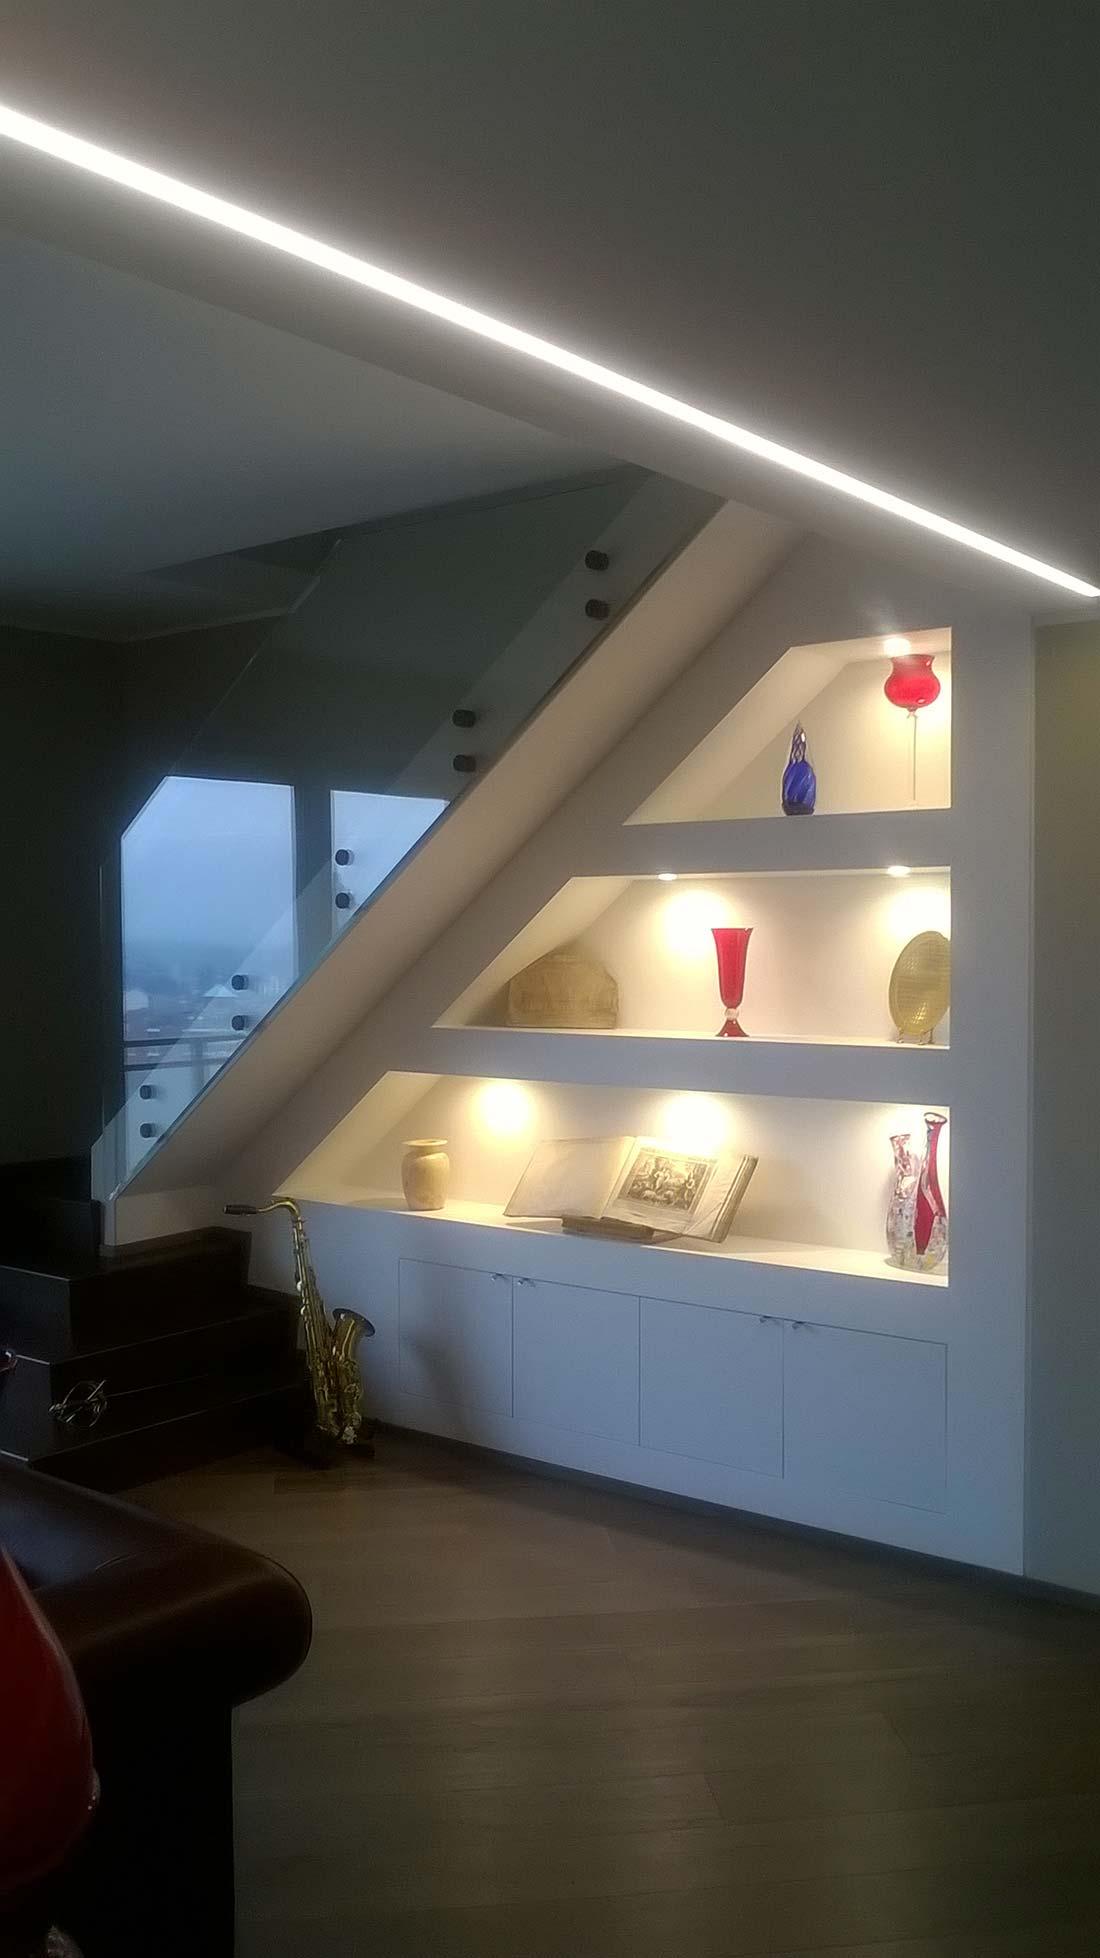 Attico e superattico a monza for Interior design agency milano